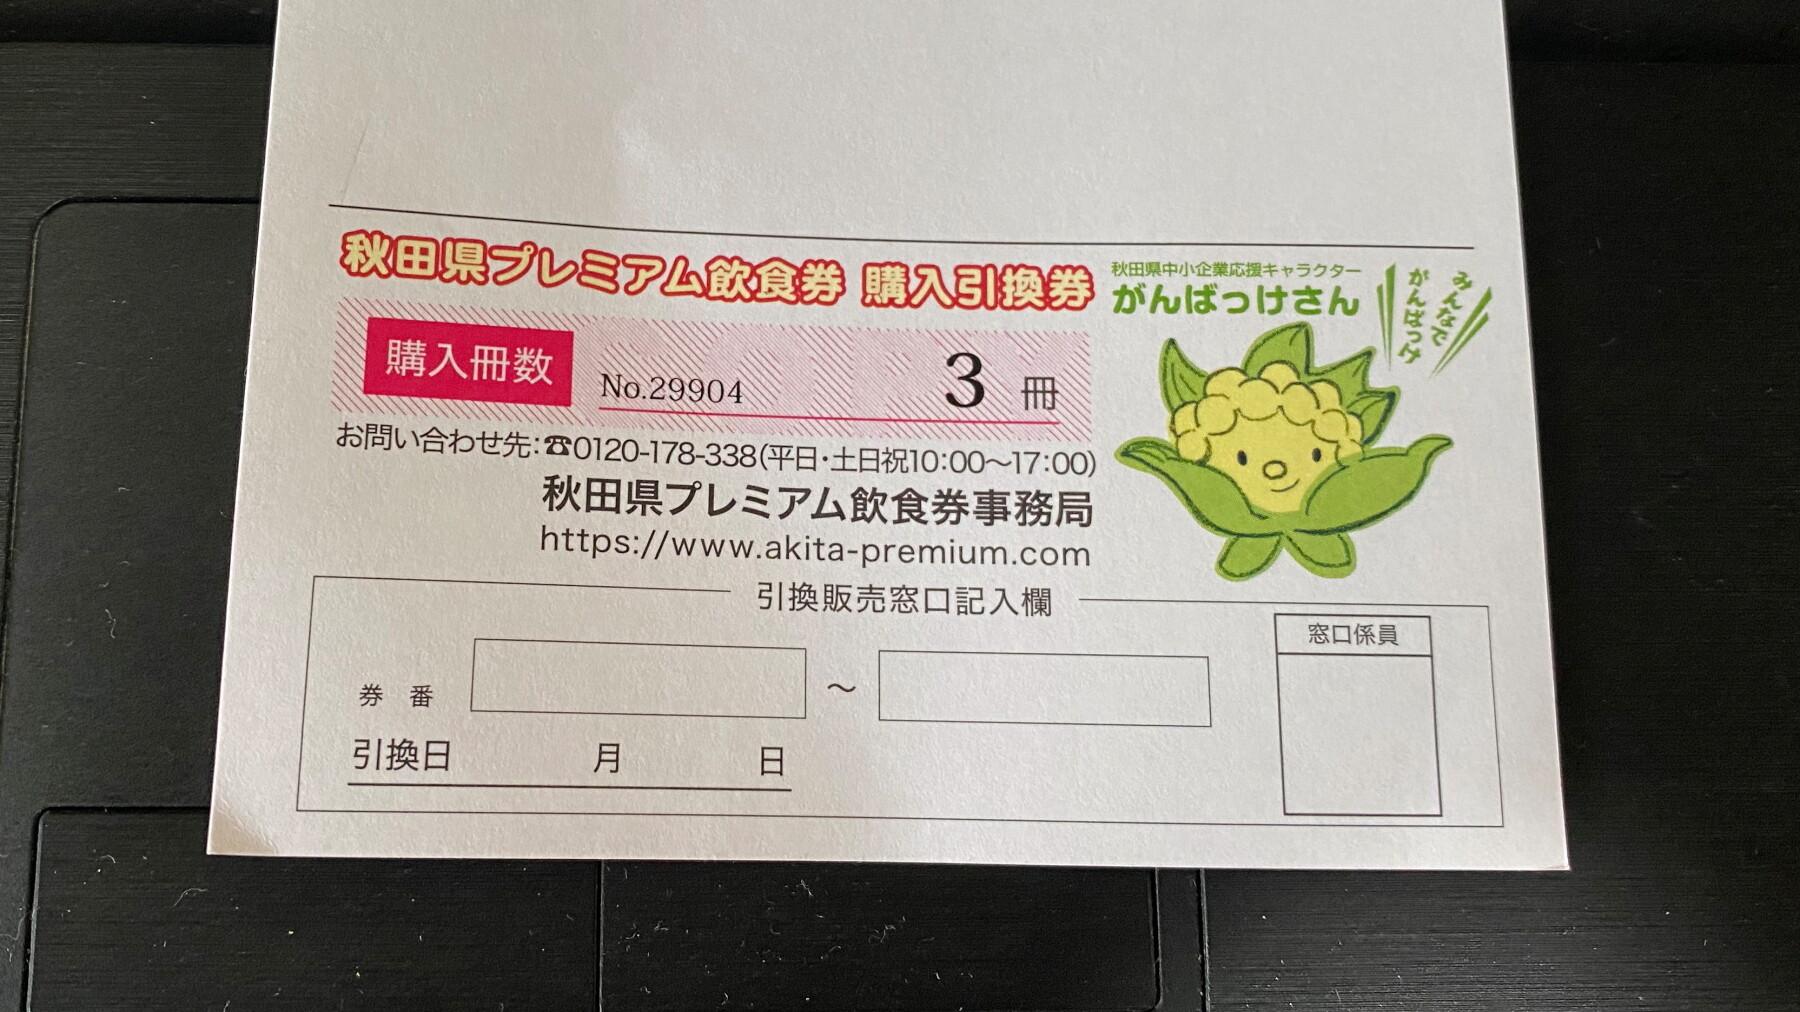 飲食 秋田 プレミアム 券